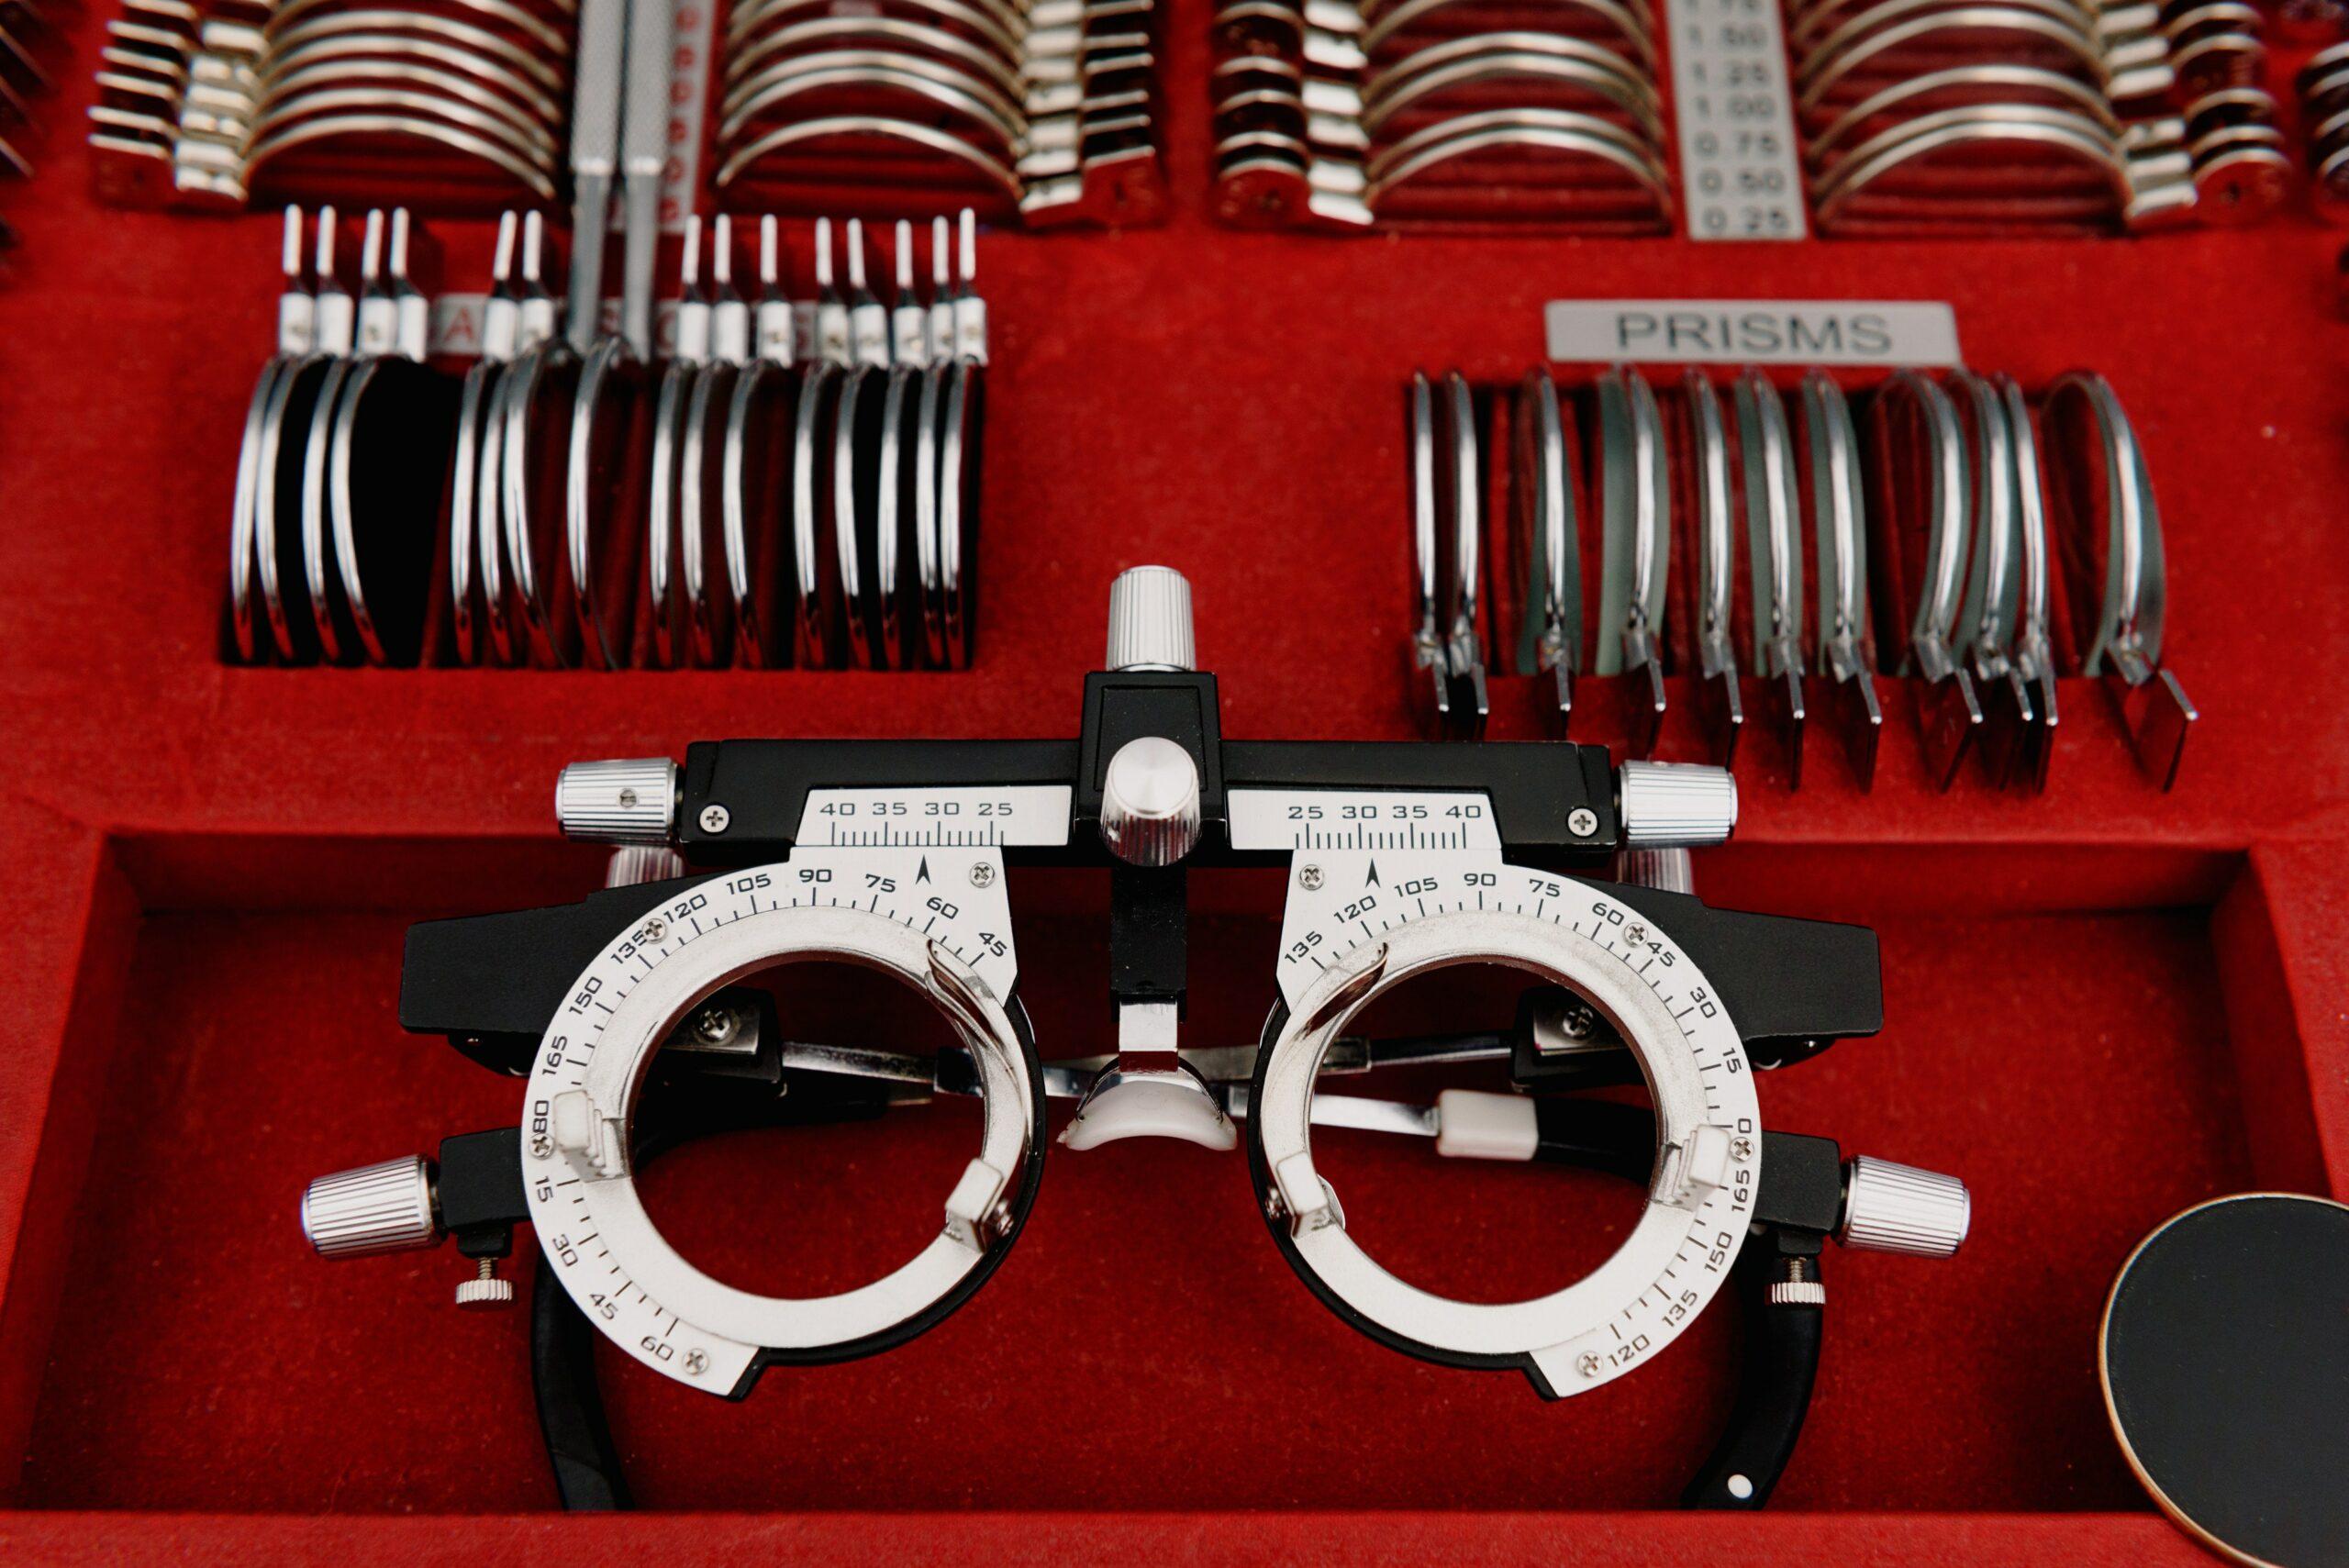 vacature optometrist bij fabrikanten